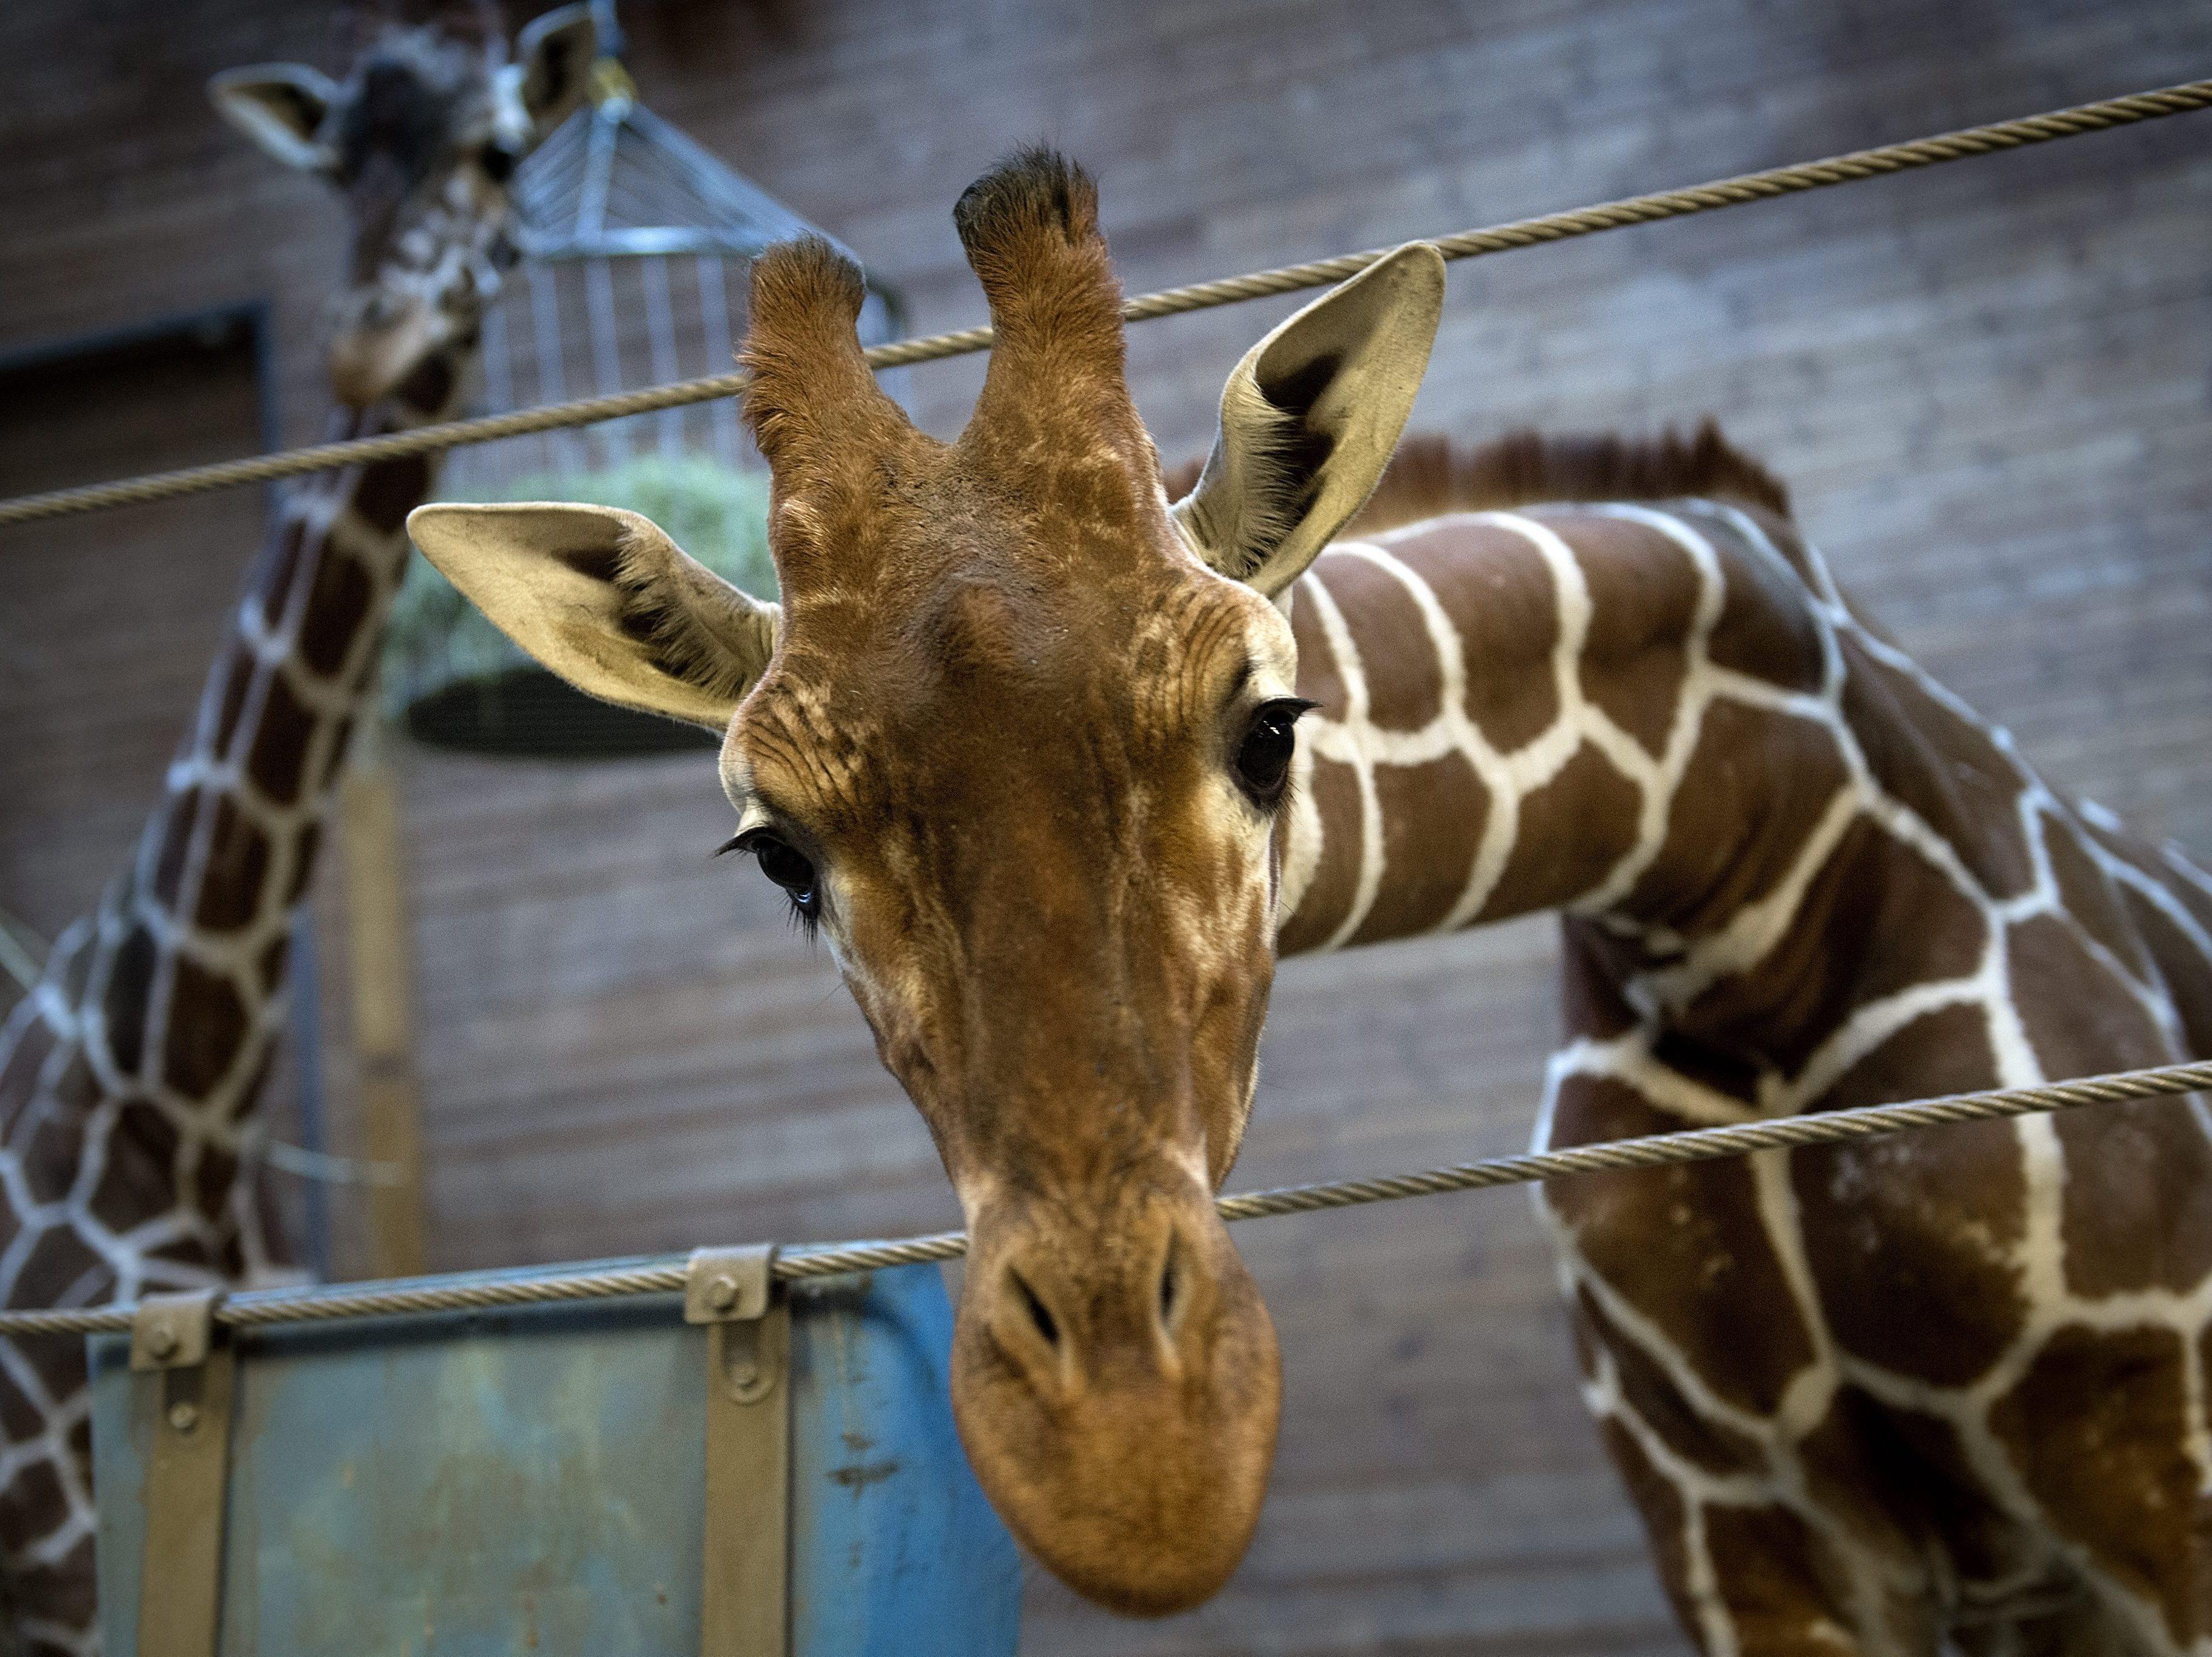 Copenhagen Zoo's Scientific Director Defends Killing Giraffe